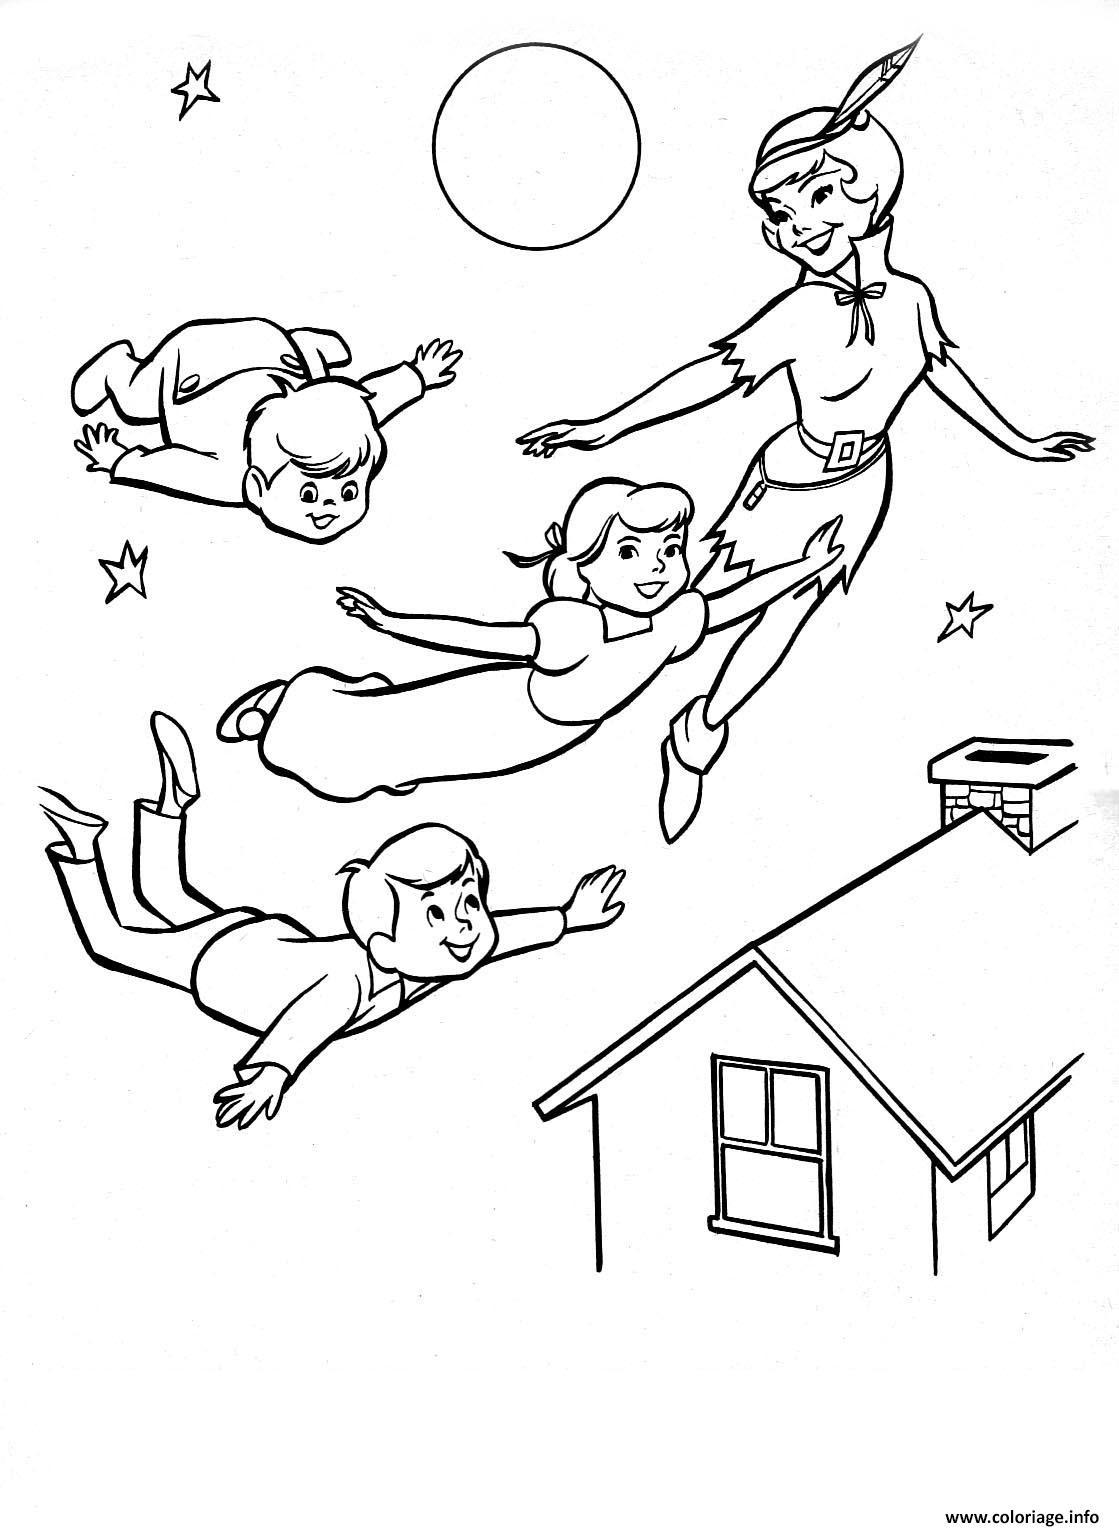 Coloriage Famille Peter Pan Dans Les Airs